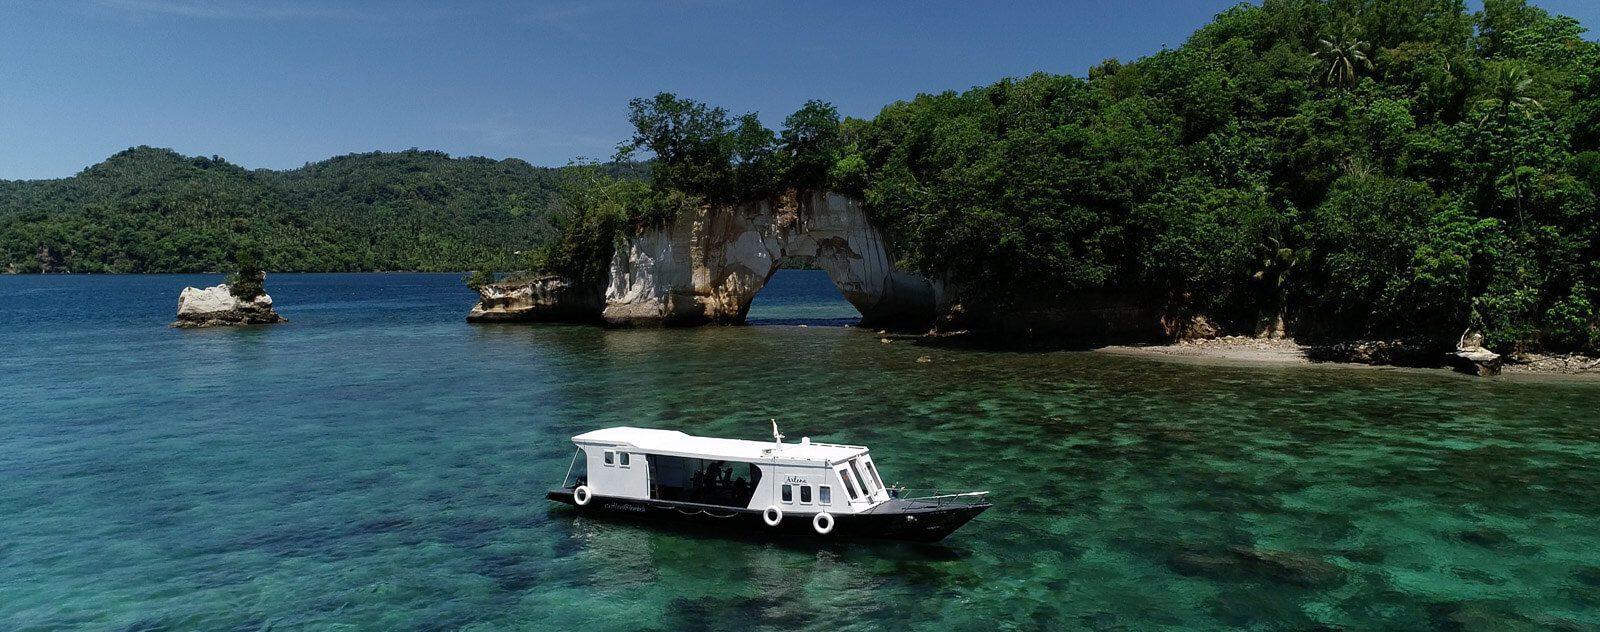 Snorkeling boat in Lembeh Strait